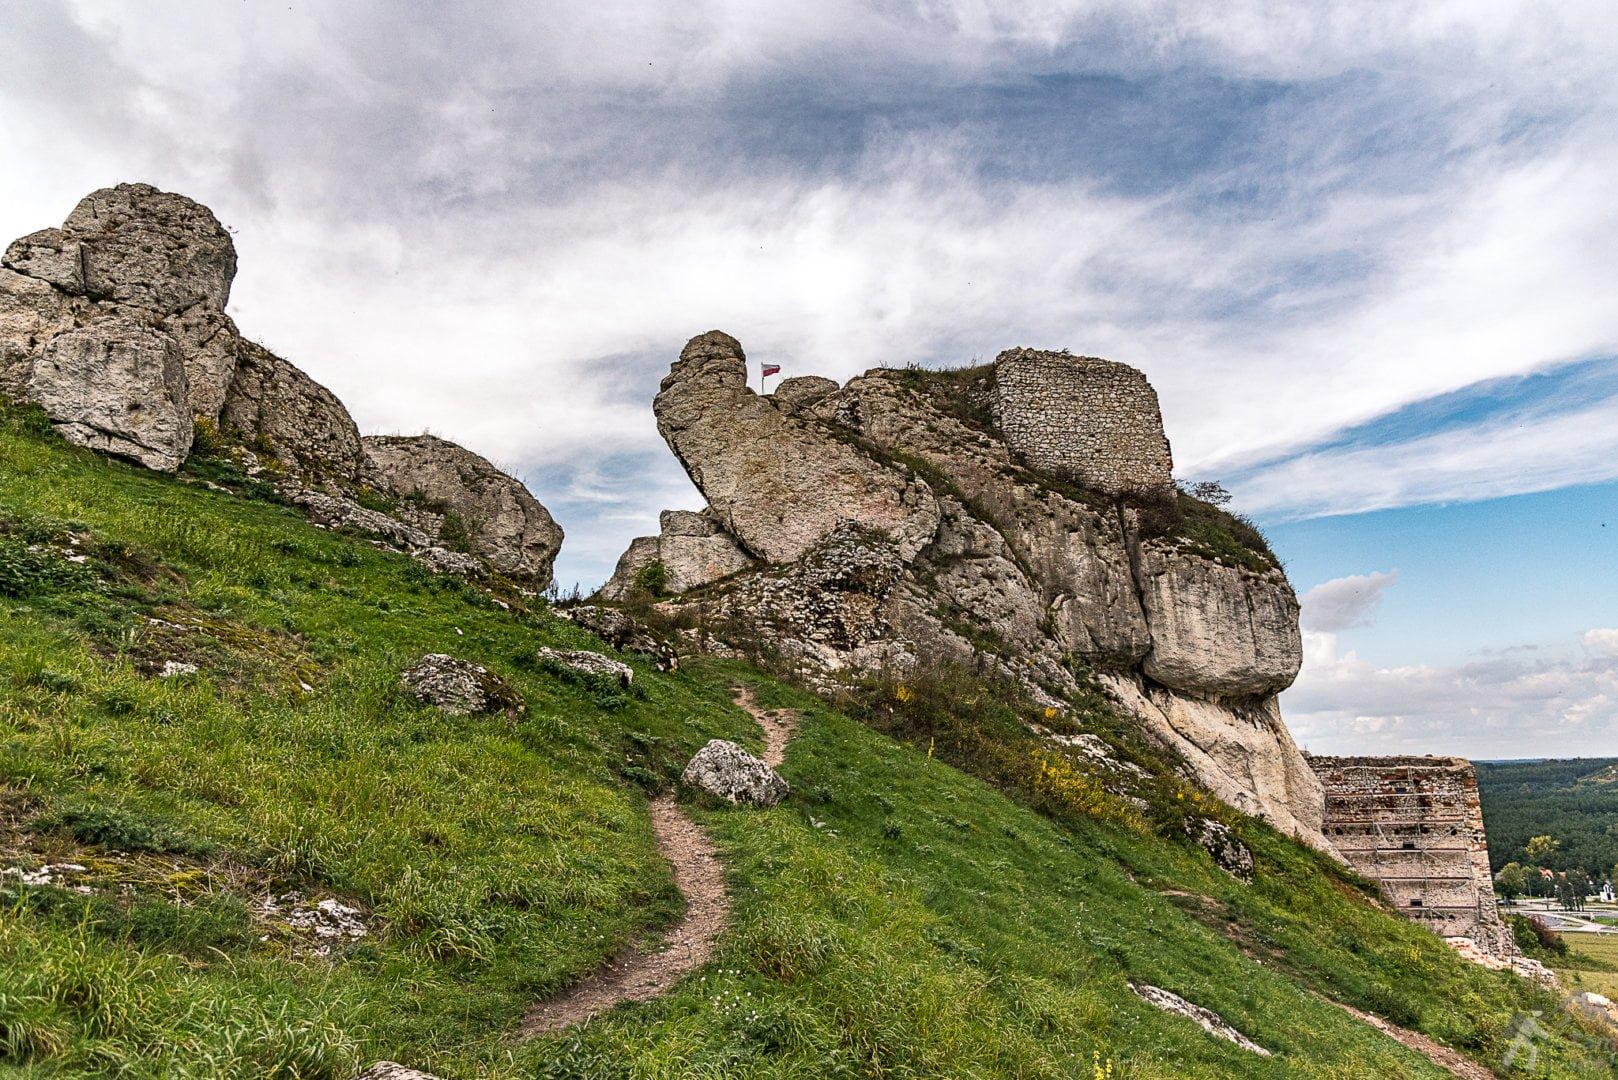 Skały Jurajskie i wzgórze zamkowe